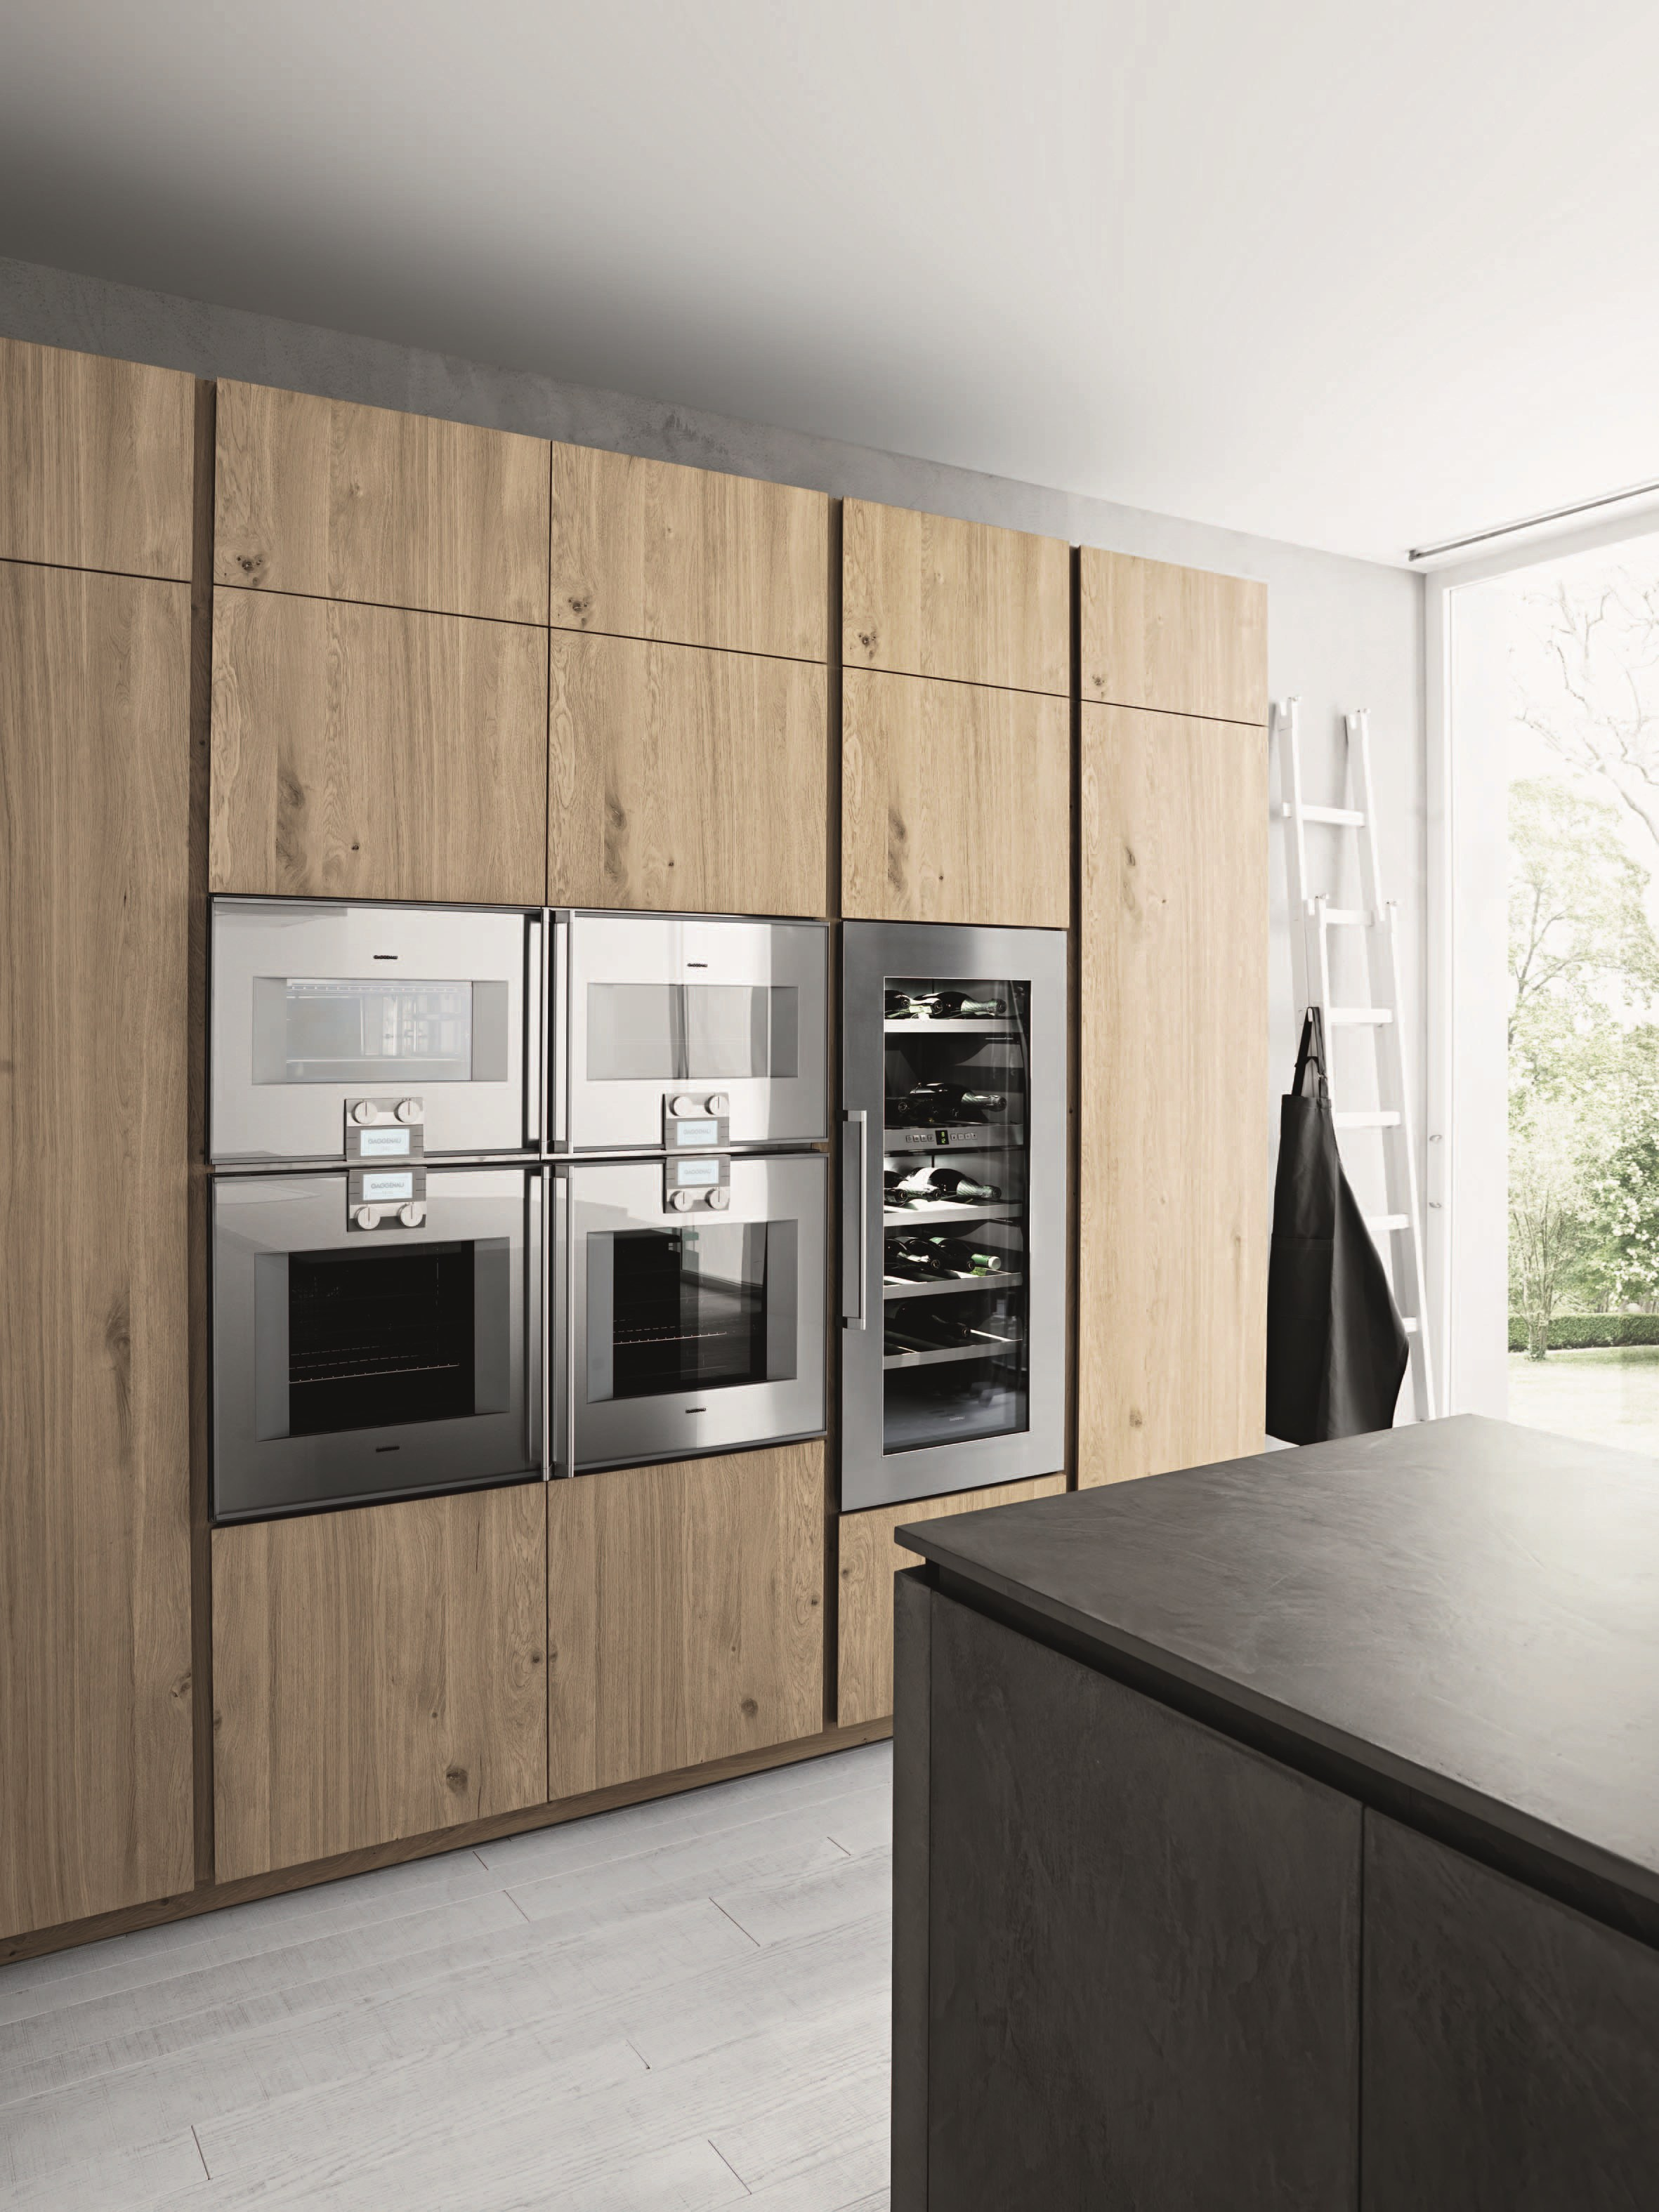 Einbauküche mit kücheninsel ohne griffe cloe composition 2 by cesar arredamenti design gian vittorio plazzogna